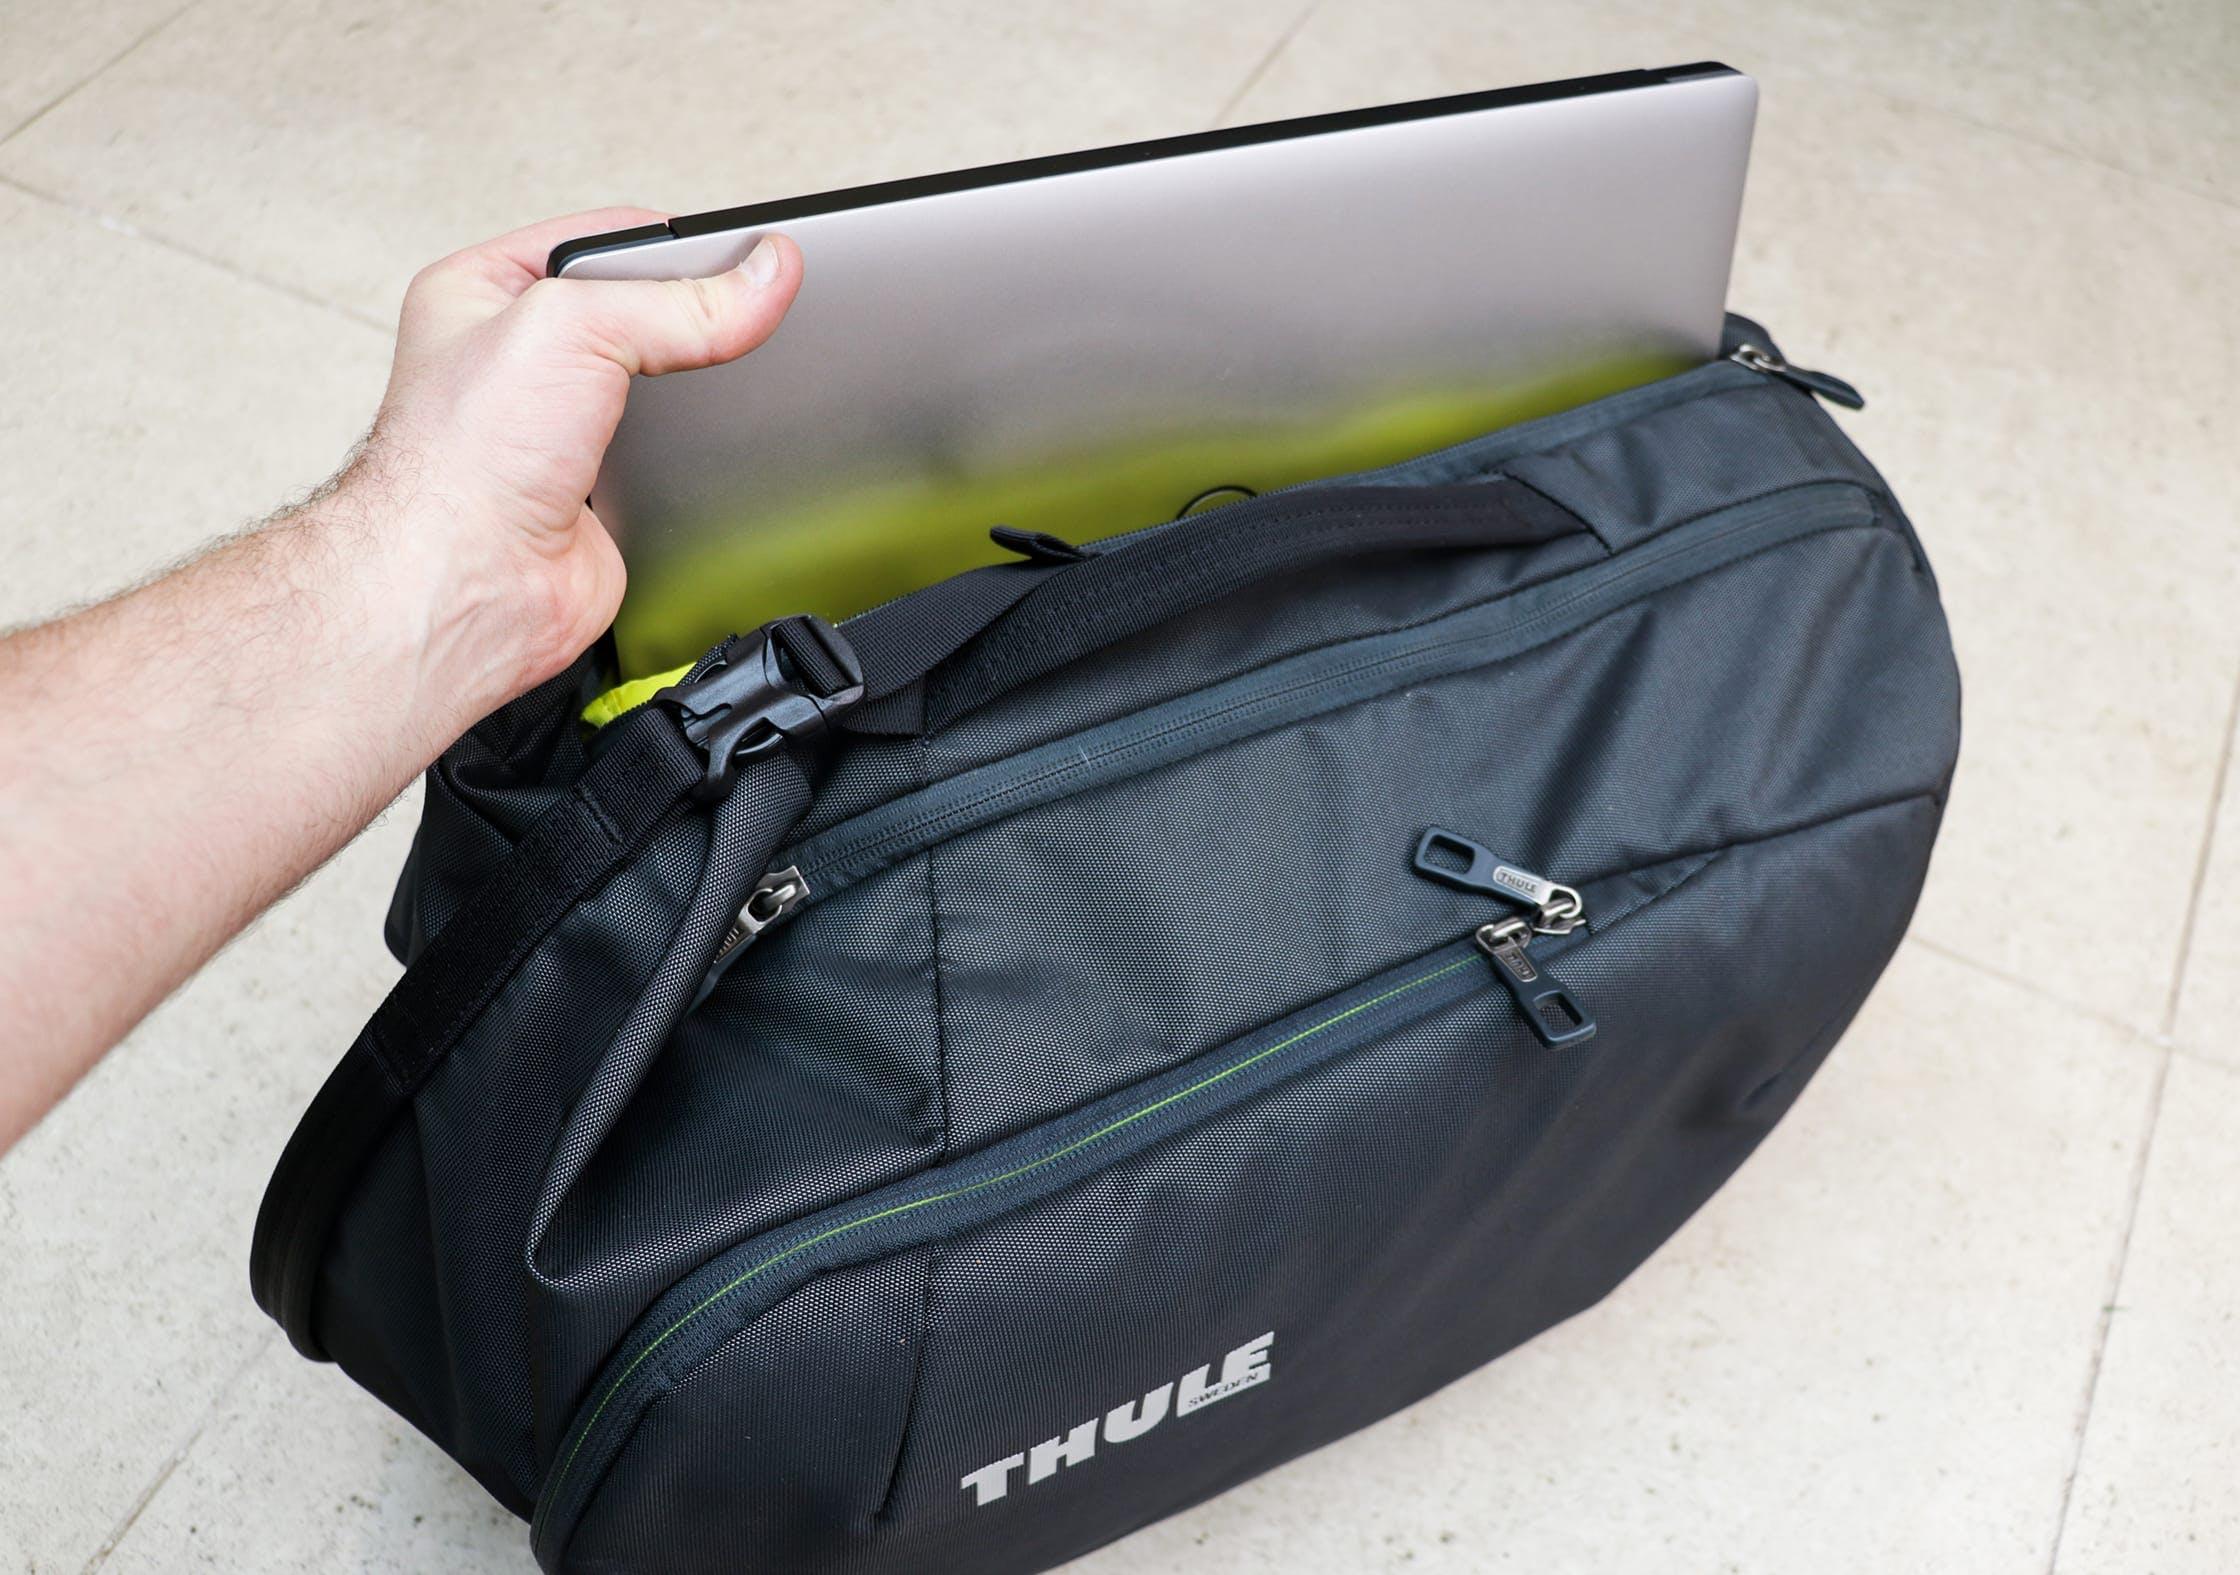 Thule Subterra 34L Laptop Compartment